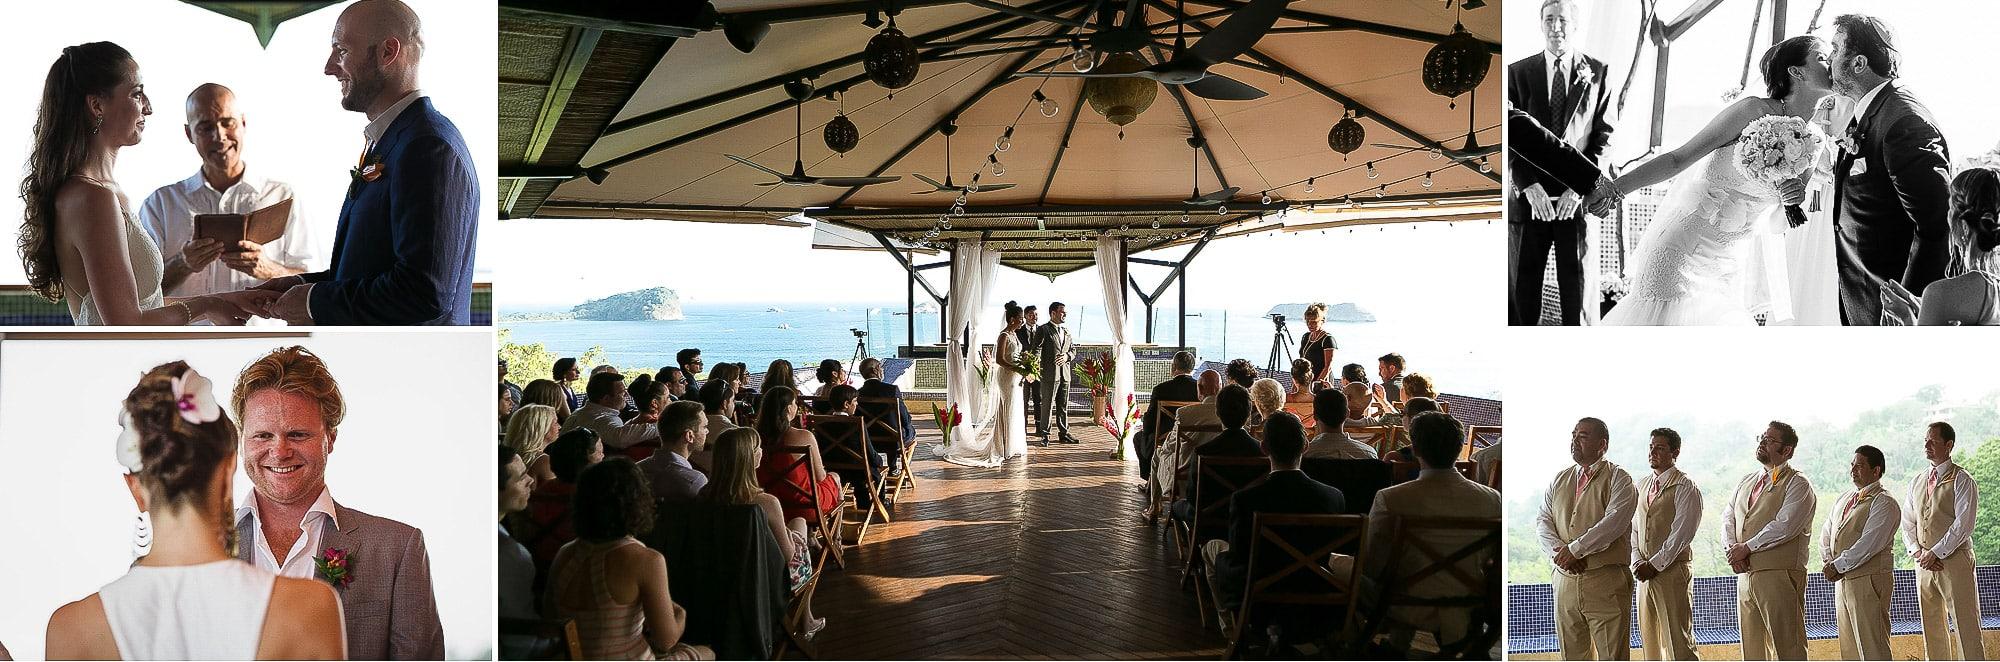 wedding ceremony on deck at punto de vista